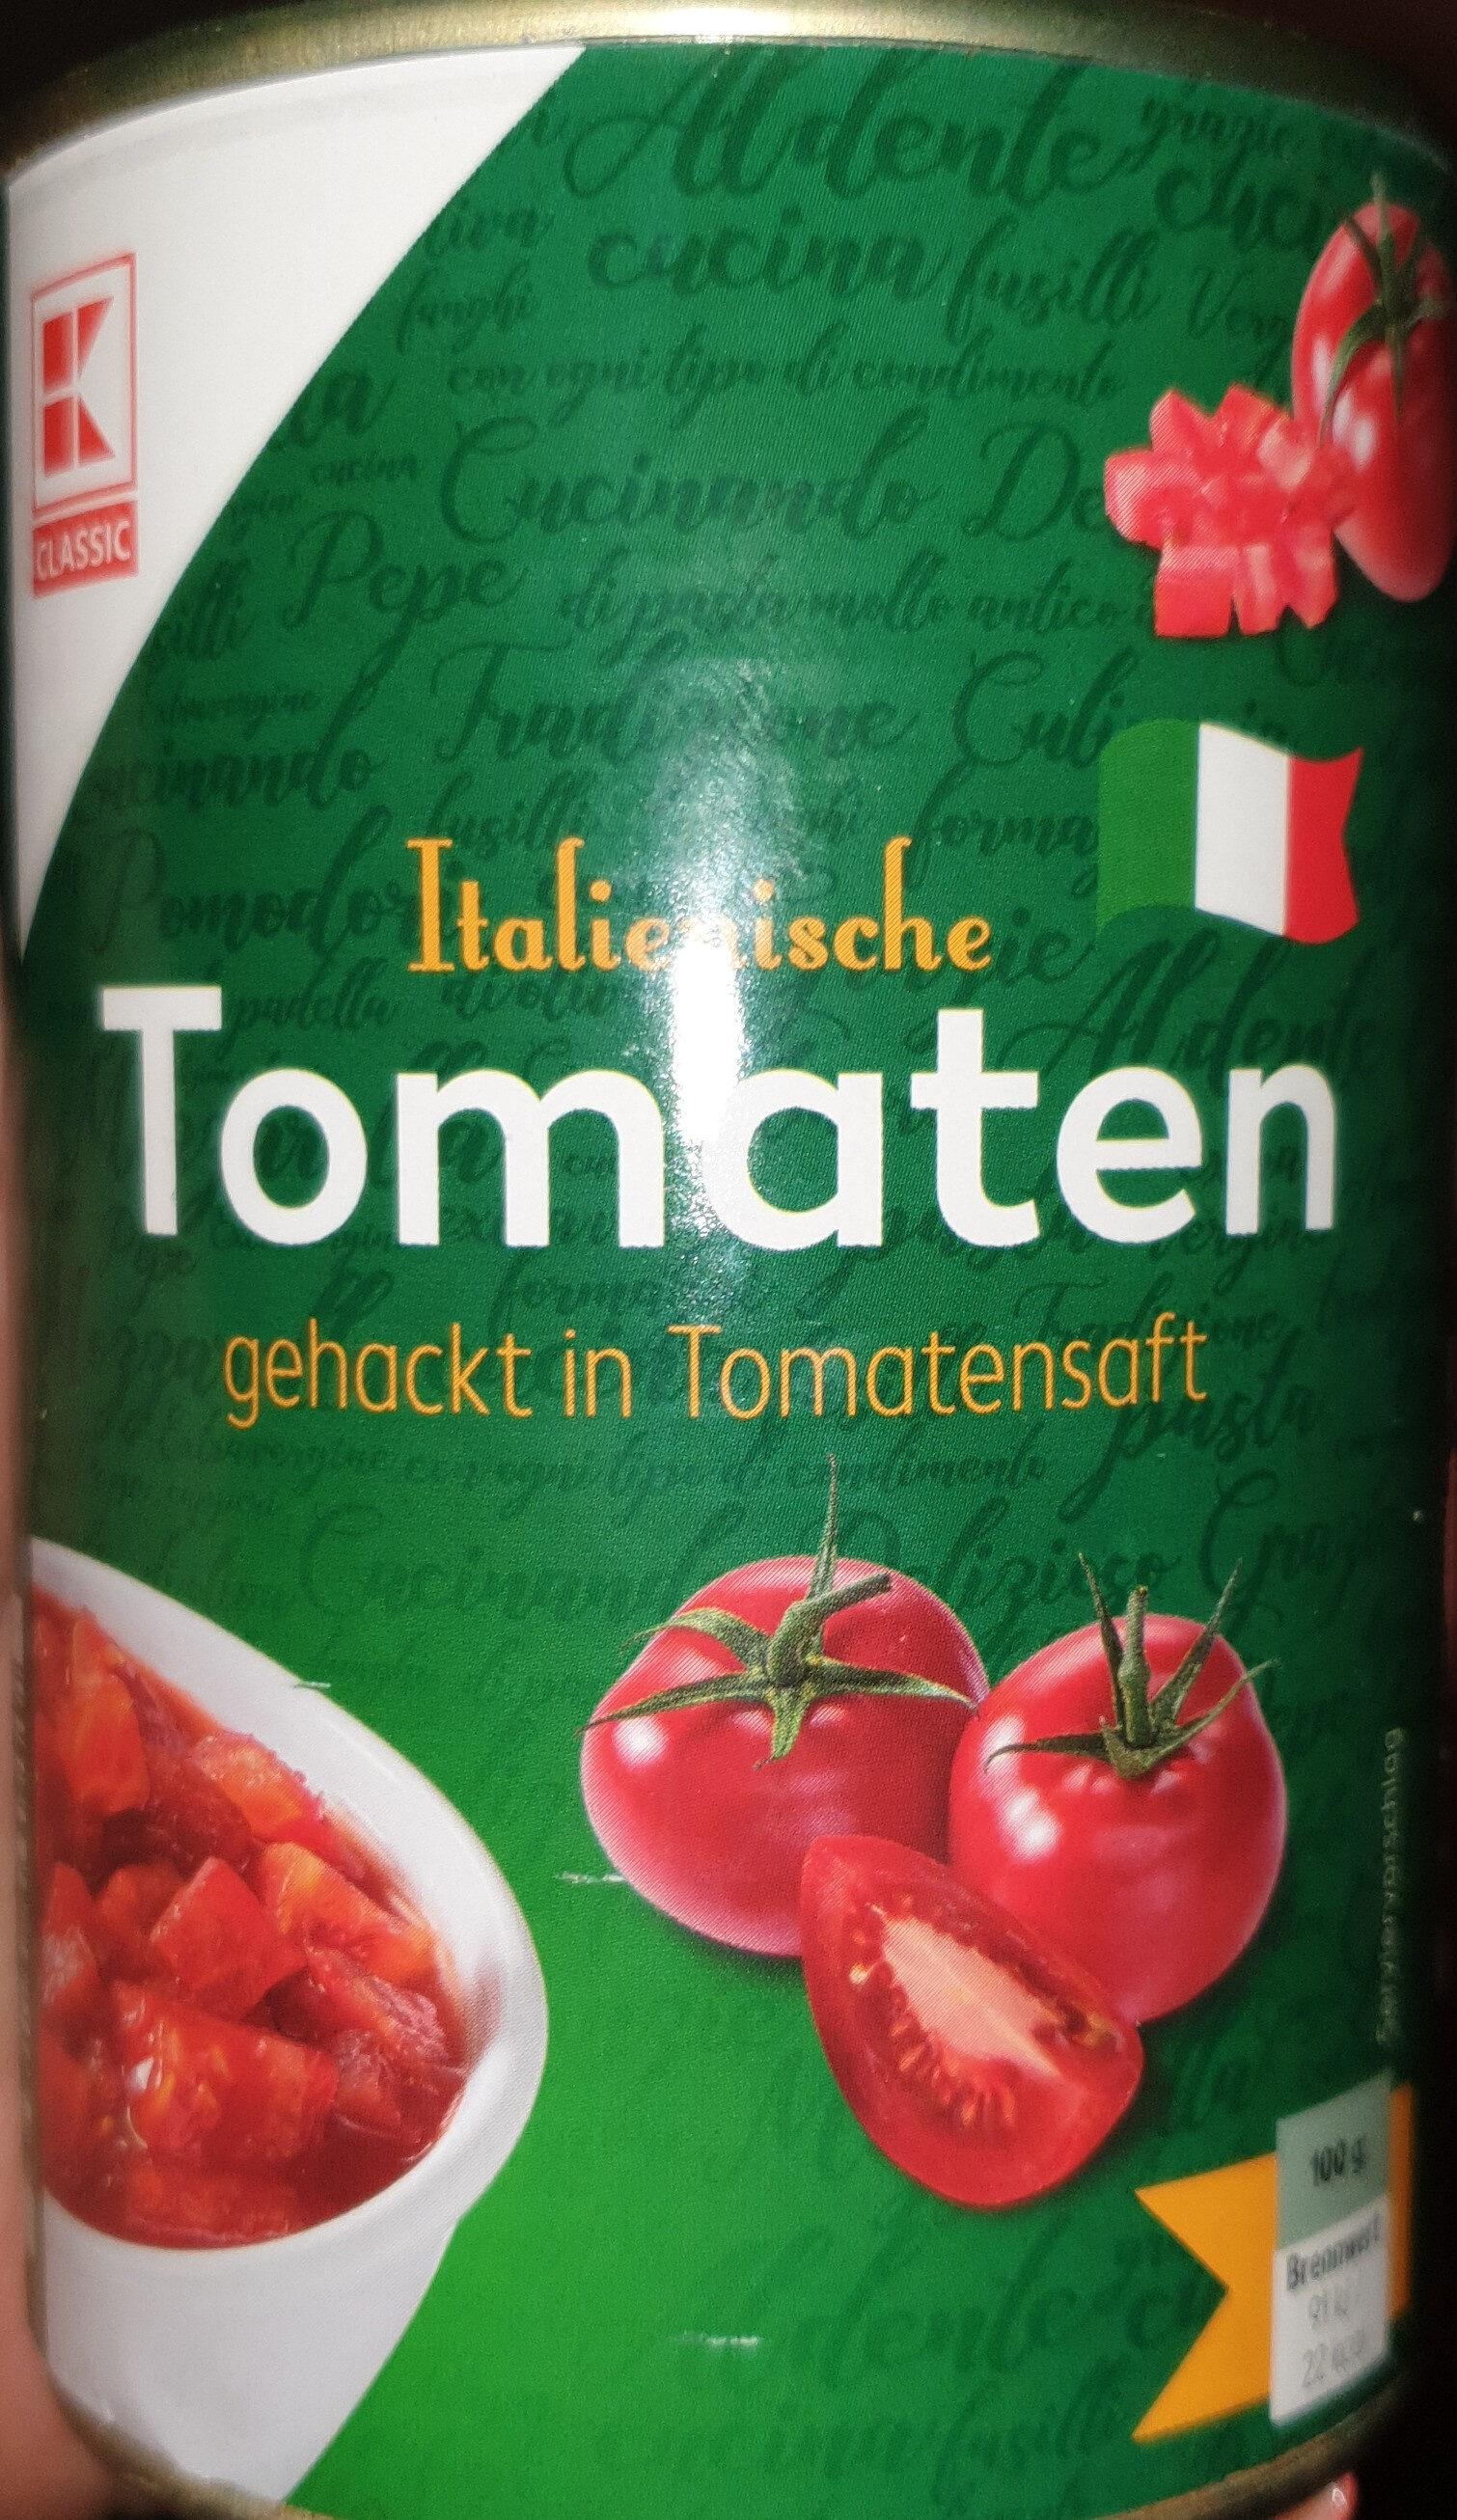 Italienische Tomaten gehackt in Tomatensaft - Product - de